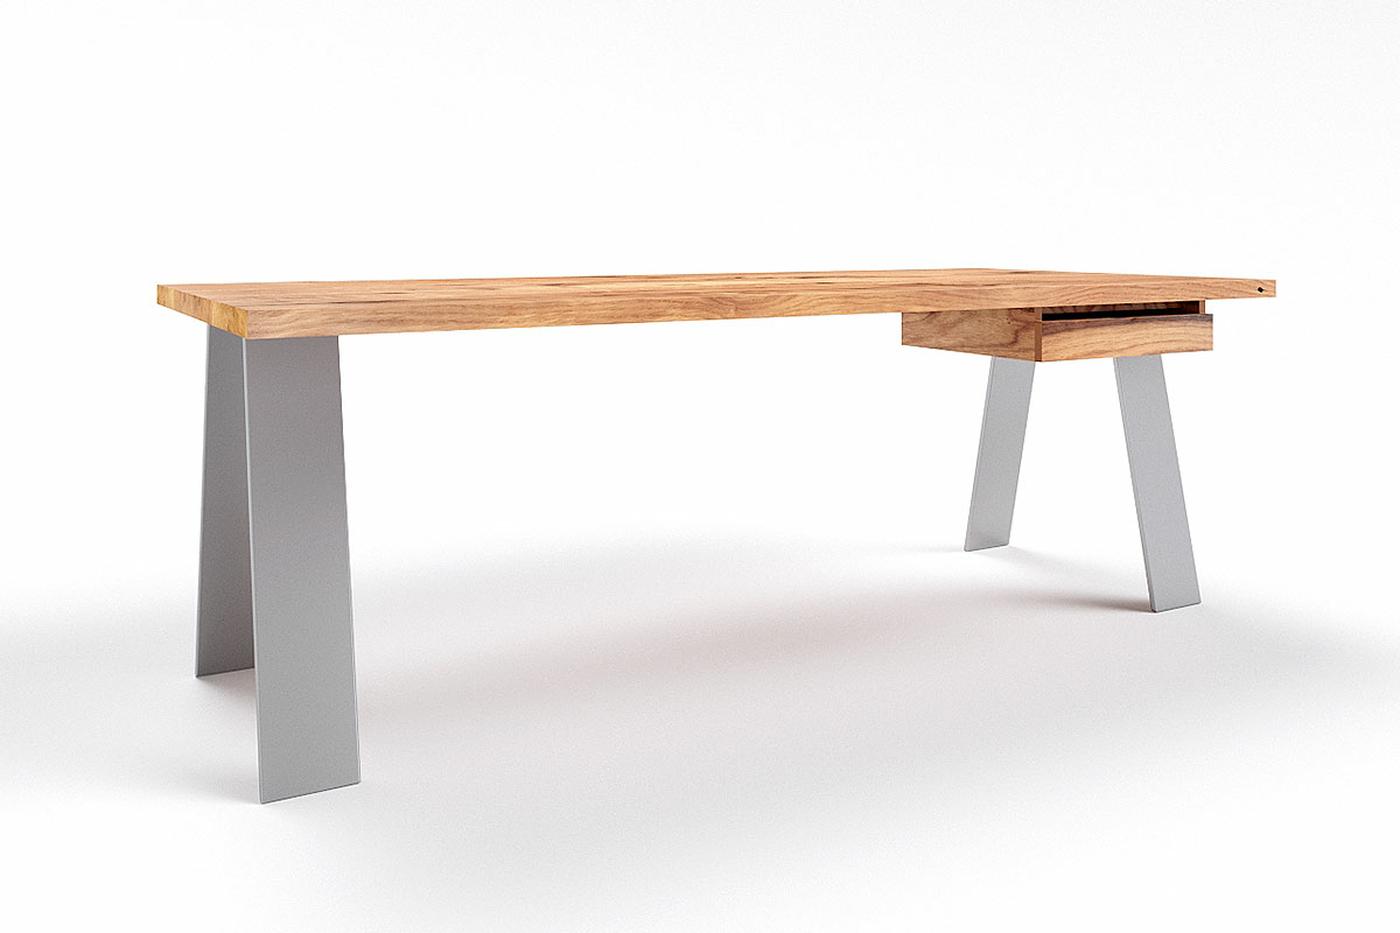 Alteiche Schreibtisch nach Maß Novo